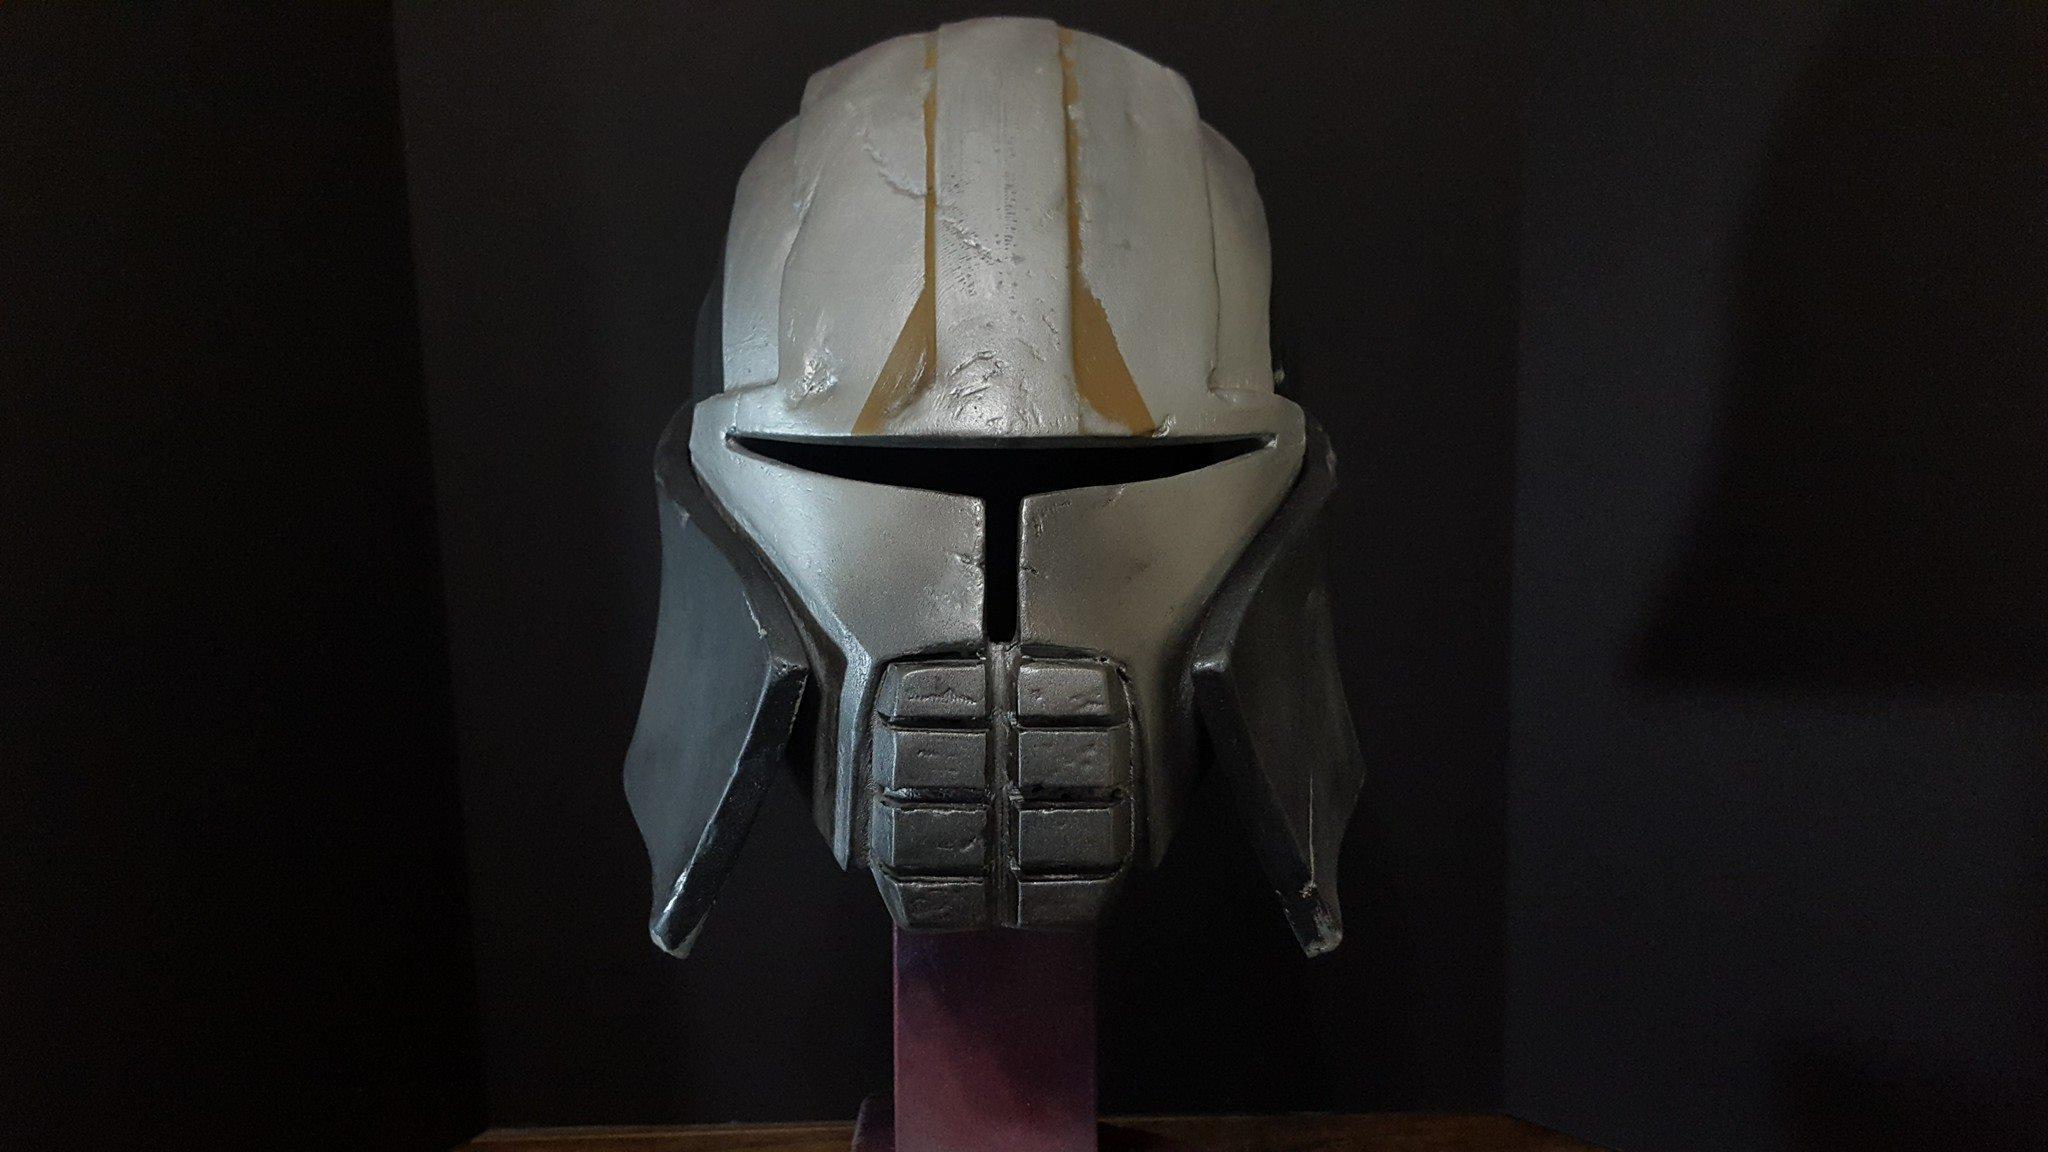 hemlet starkiler.jpg Download OBJ file Star Wars Starkiller helmet • 3D printer template, 3D-mon